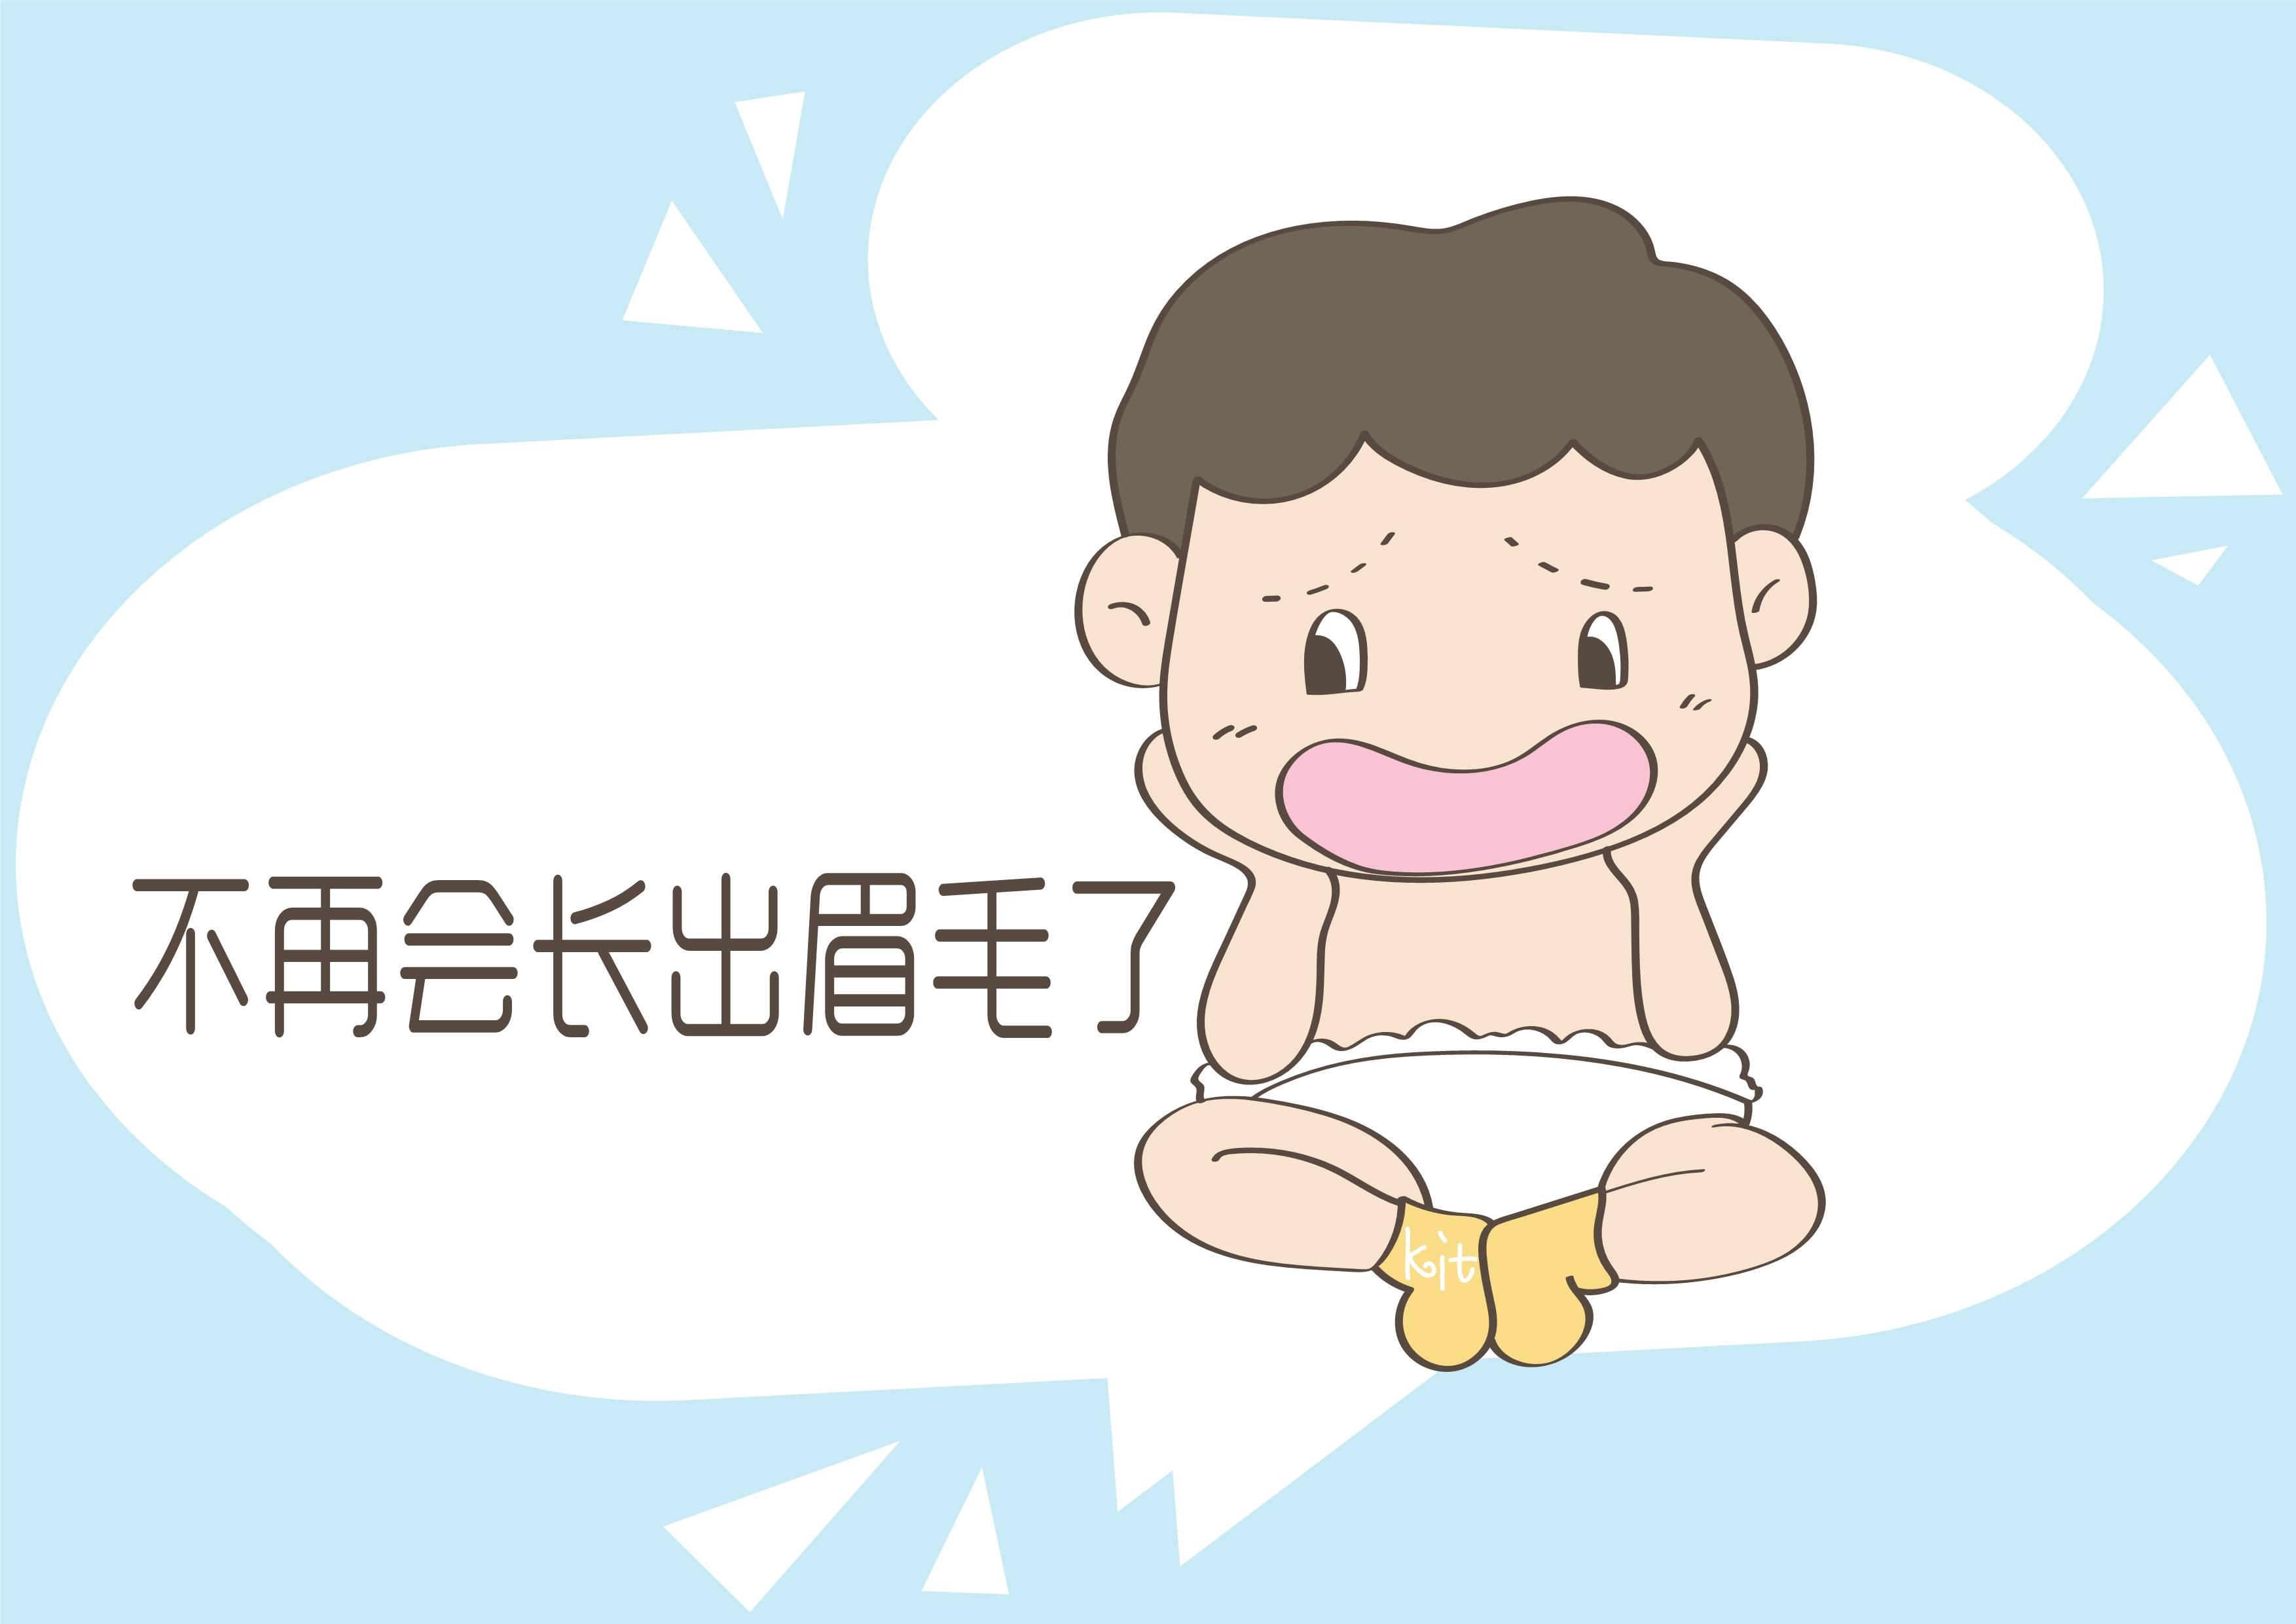 新生儿被剃眉毛,导致毛囊被破坏,这种行为家长要注意!